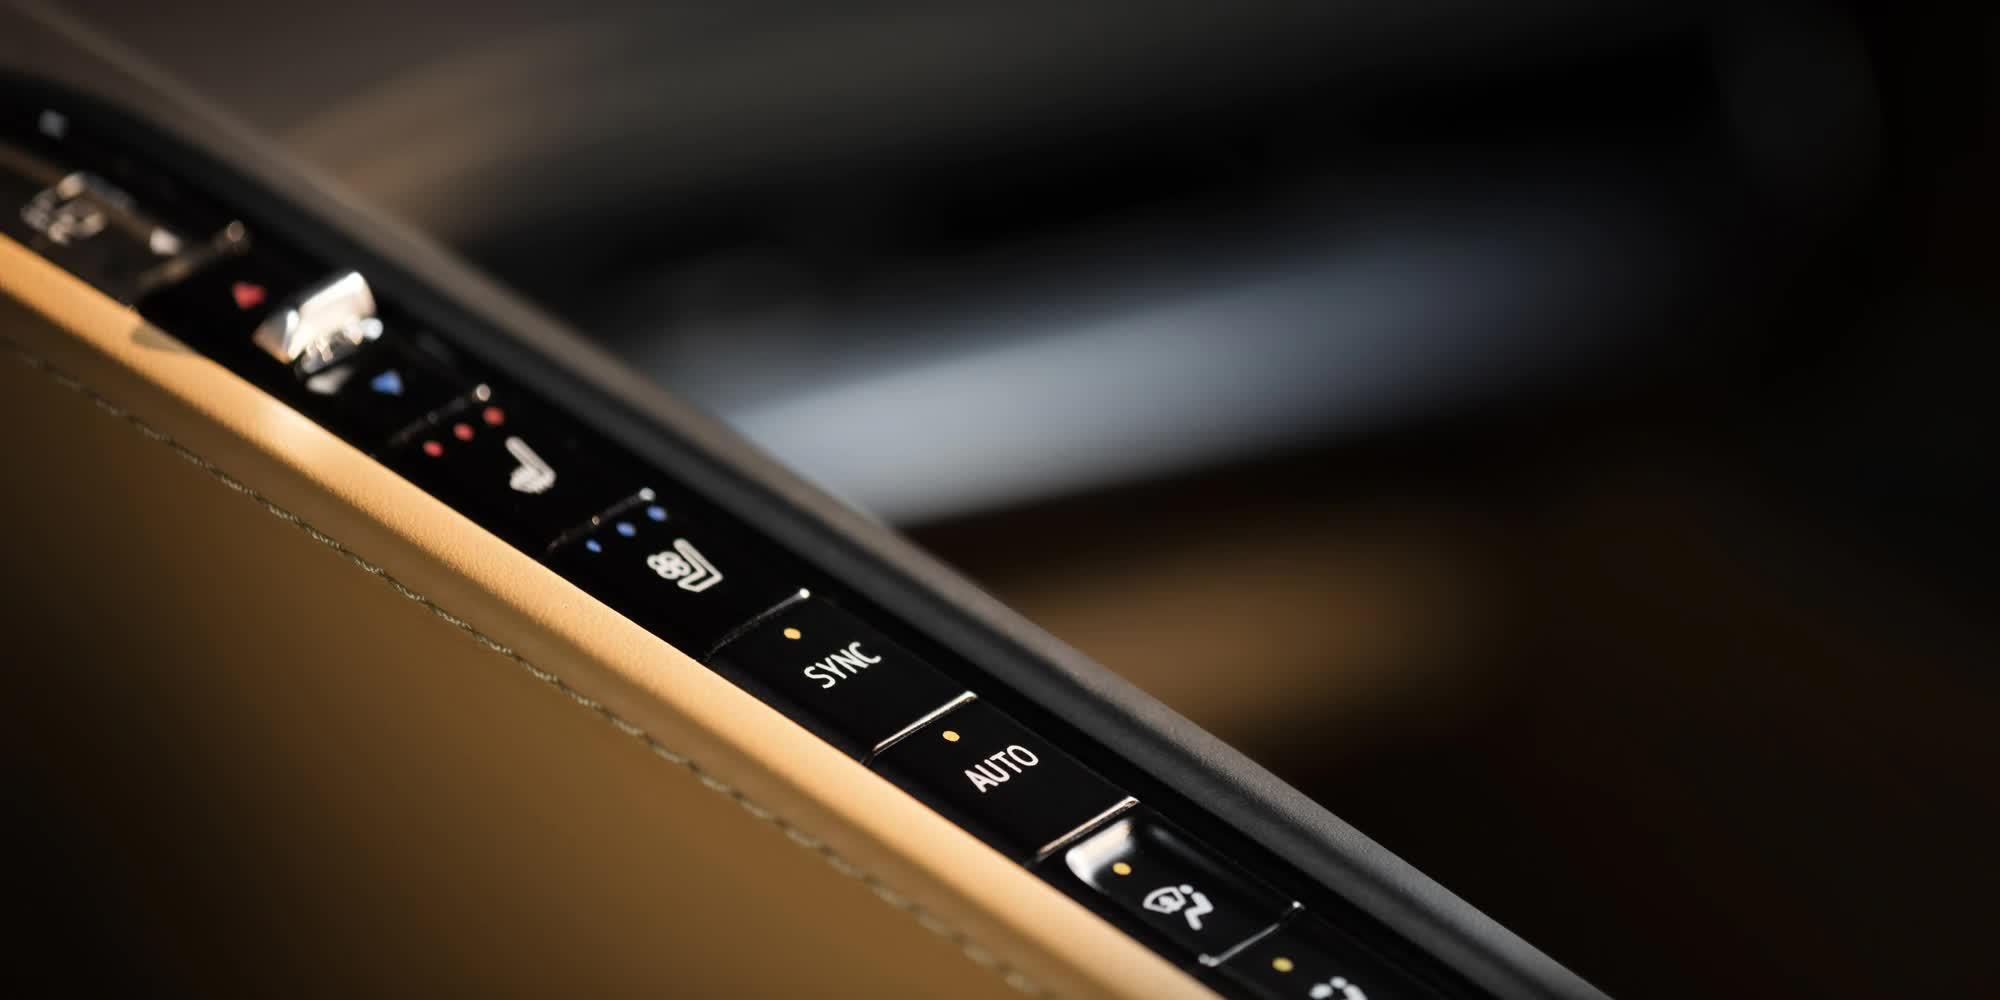 dettaglio-comandi-Corvette-c8-stingray-2020-auto-sportiva-a-motore-centrale-disponibile-con-allestimento-coupe-e-convertible-in-esclusiva-presso-gruppo-cavauto-a-Monza.jpg